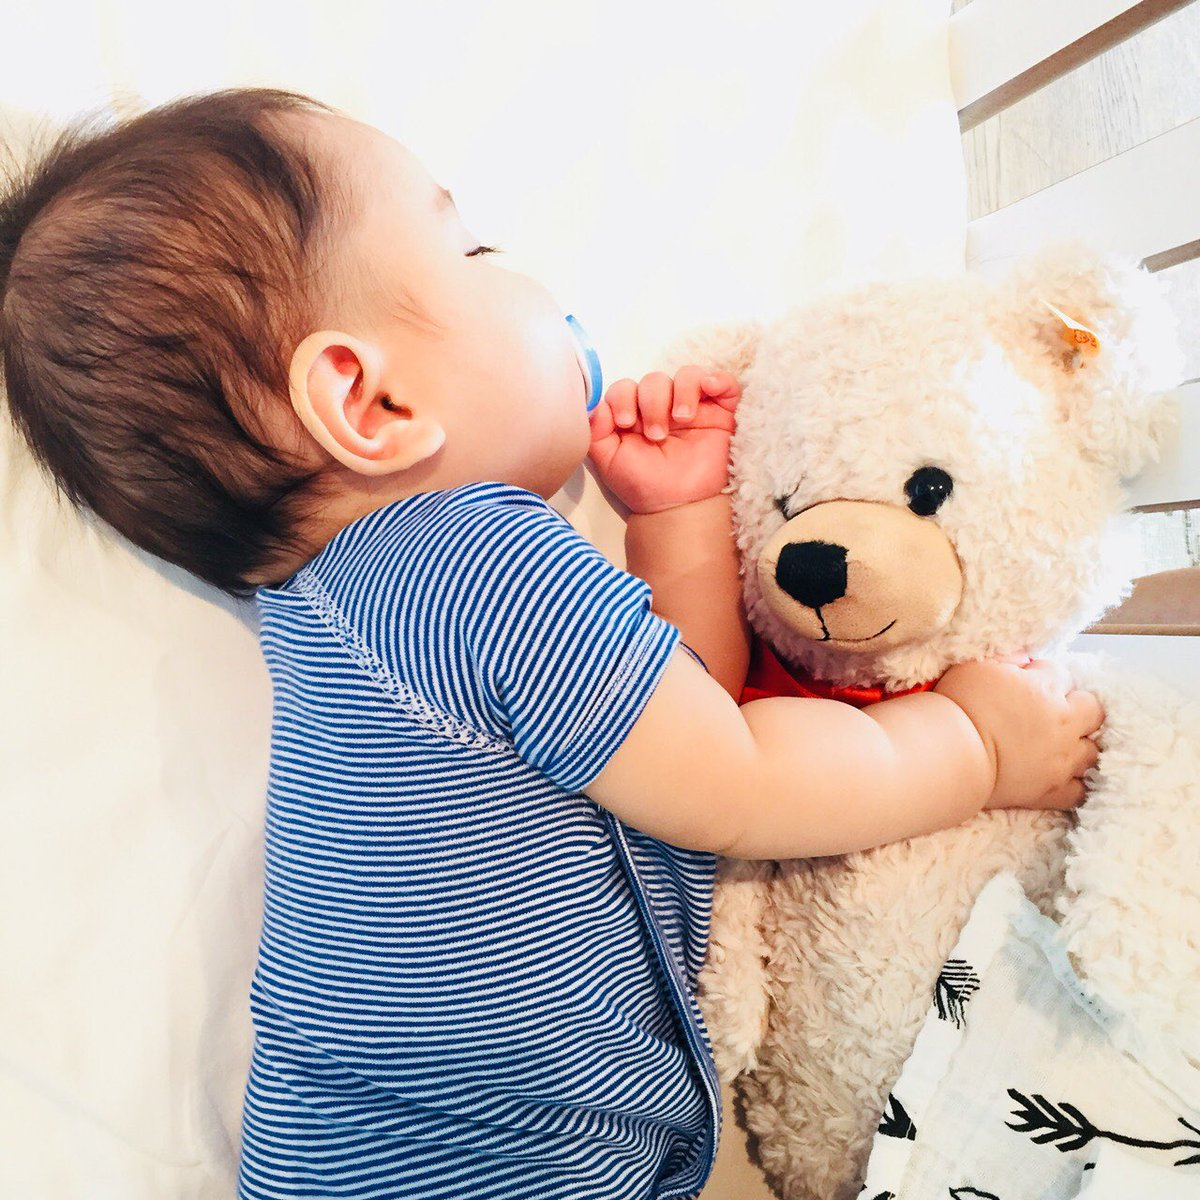 真司からもらった熊のぬいぐるみを抱いて寝る息子。 かなりお気に入りみたい。 プレゼントまでセンスあるってさすがShinji Kagawa😆👏 Present from @S_Kagawa0317